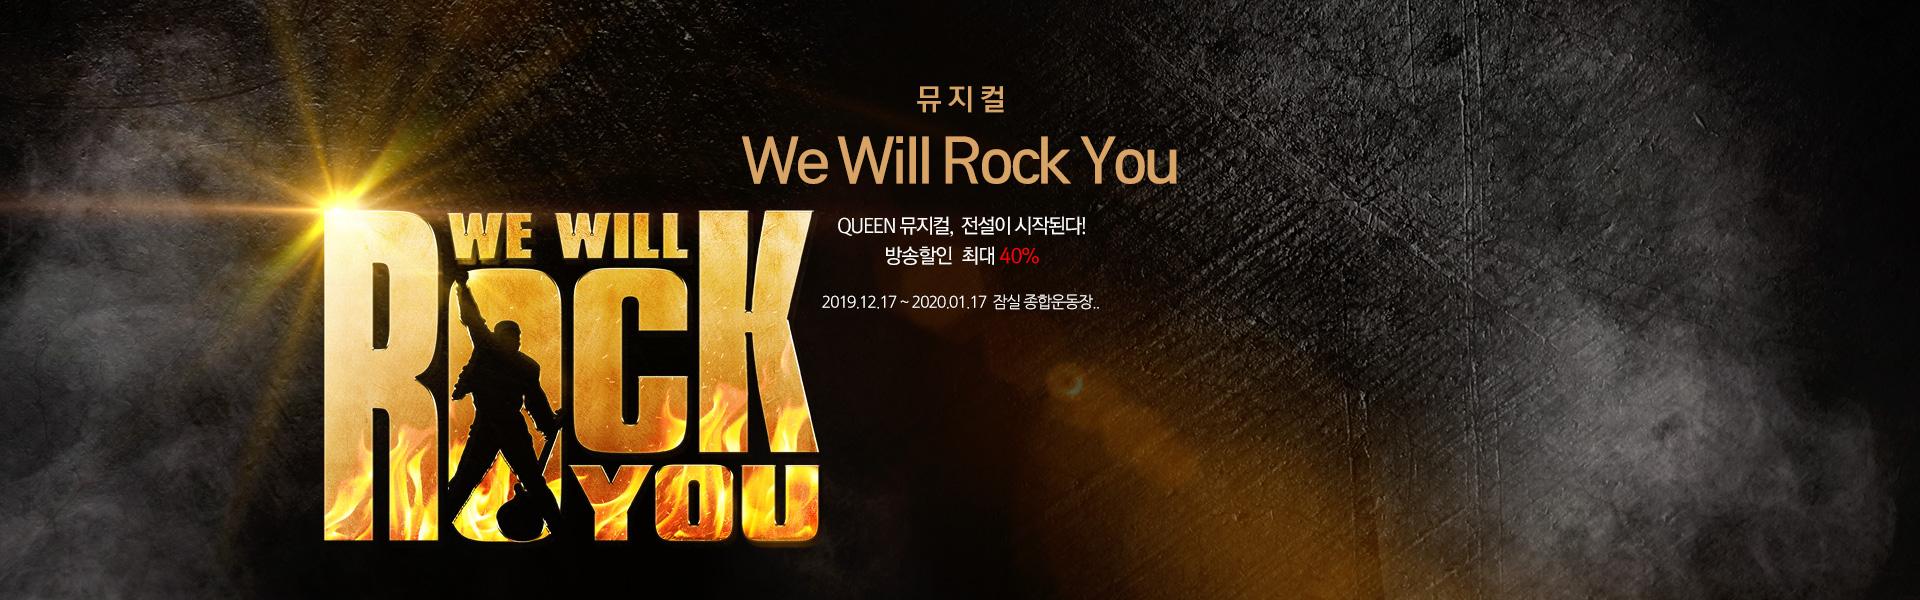 QUEEN 뮤지컬 [We Will Rock You]